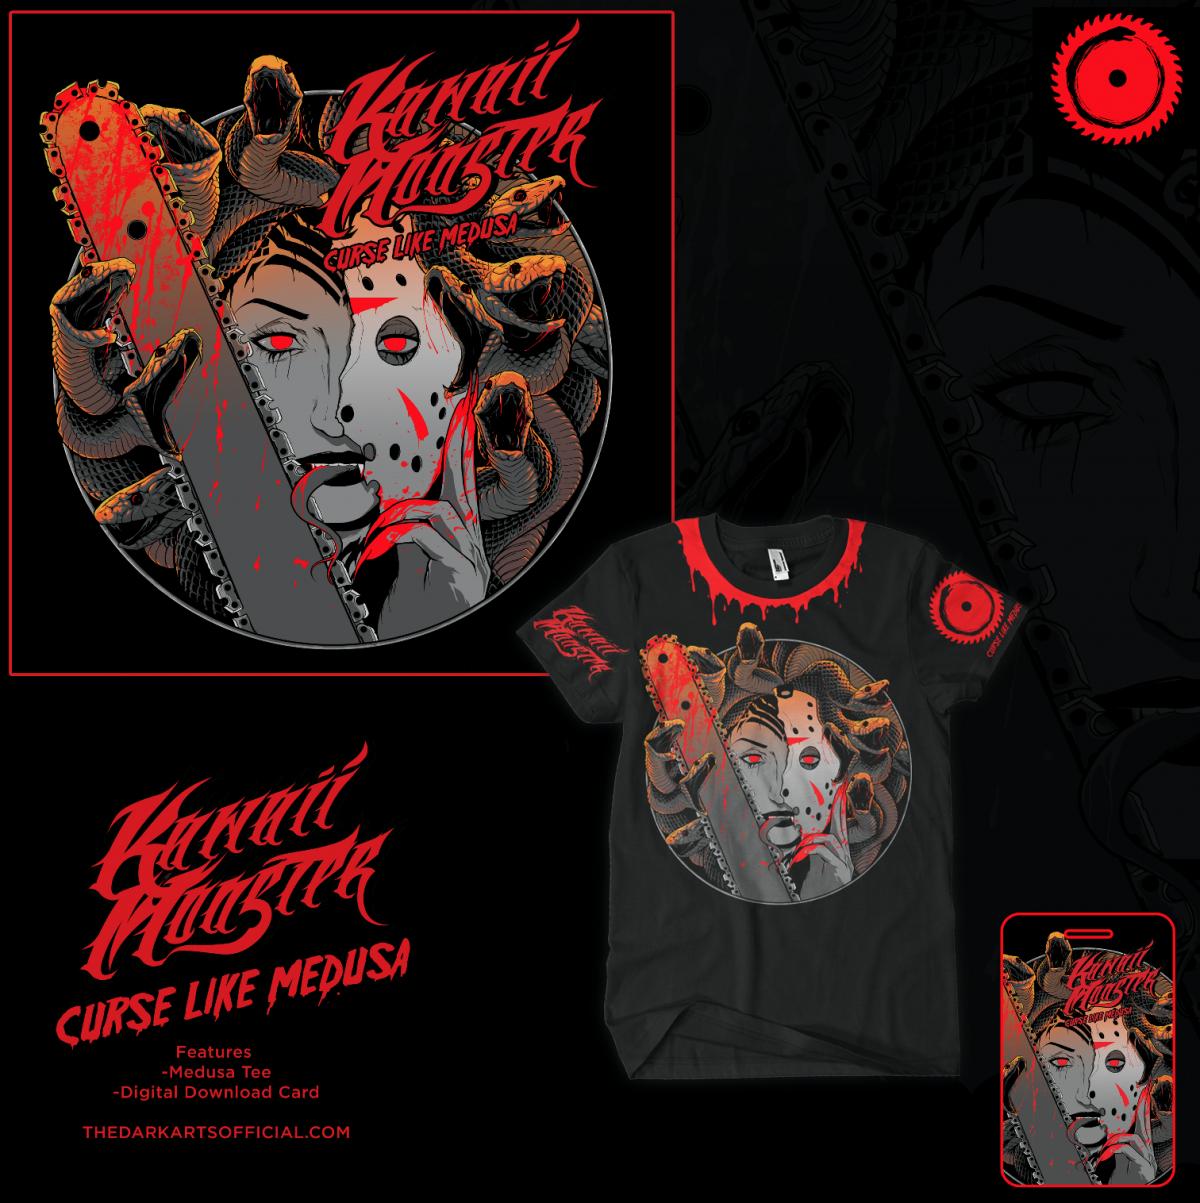 Curse Like Medusa Tee! (FREE Bad Blood ALBUM) - thedarkarts